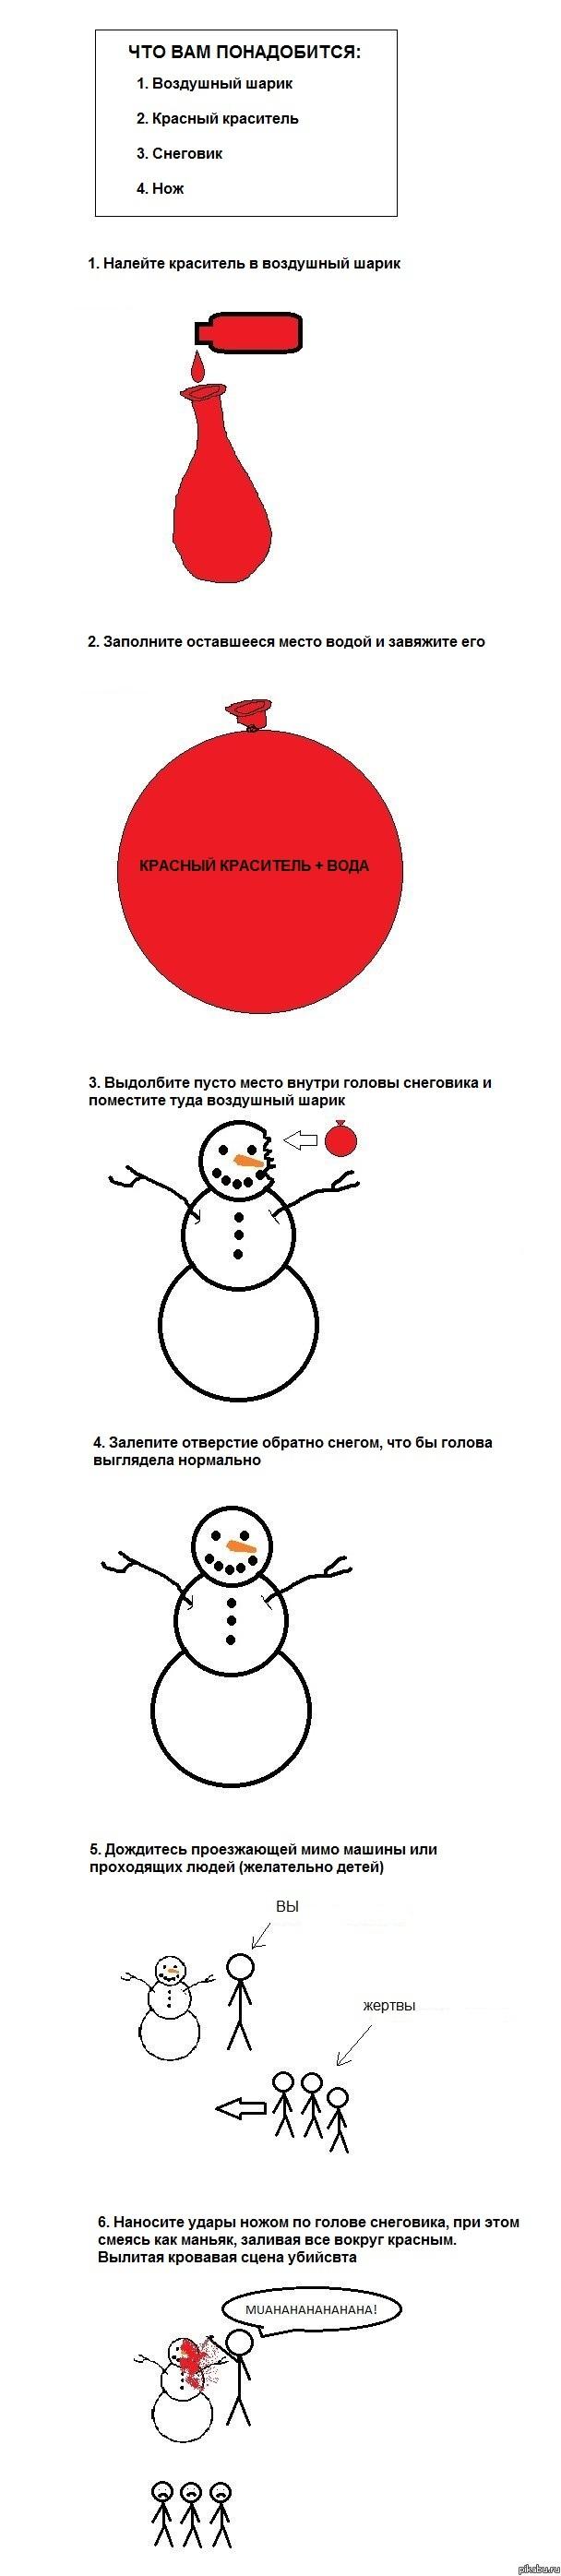 Как развлечь себя этой зимой  Интересное